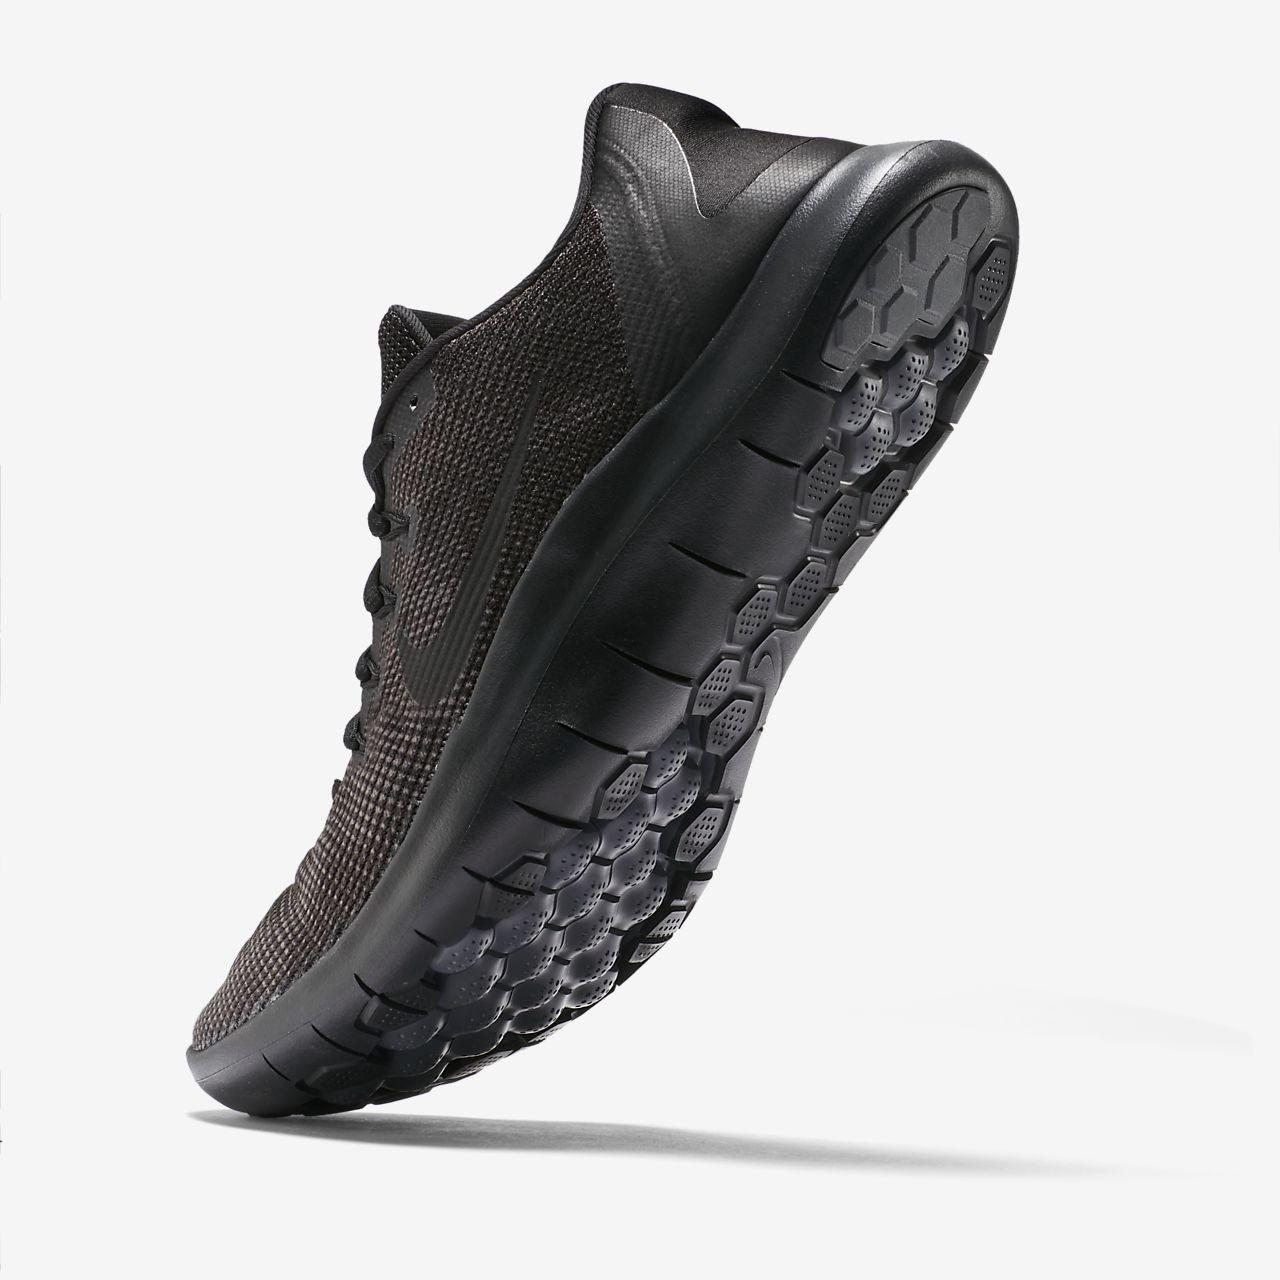 Nike Course 2018 Flex Formateurs En Triple Aa7397-002 Noir - Noir vSKdeAG5yZ